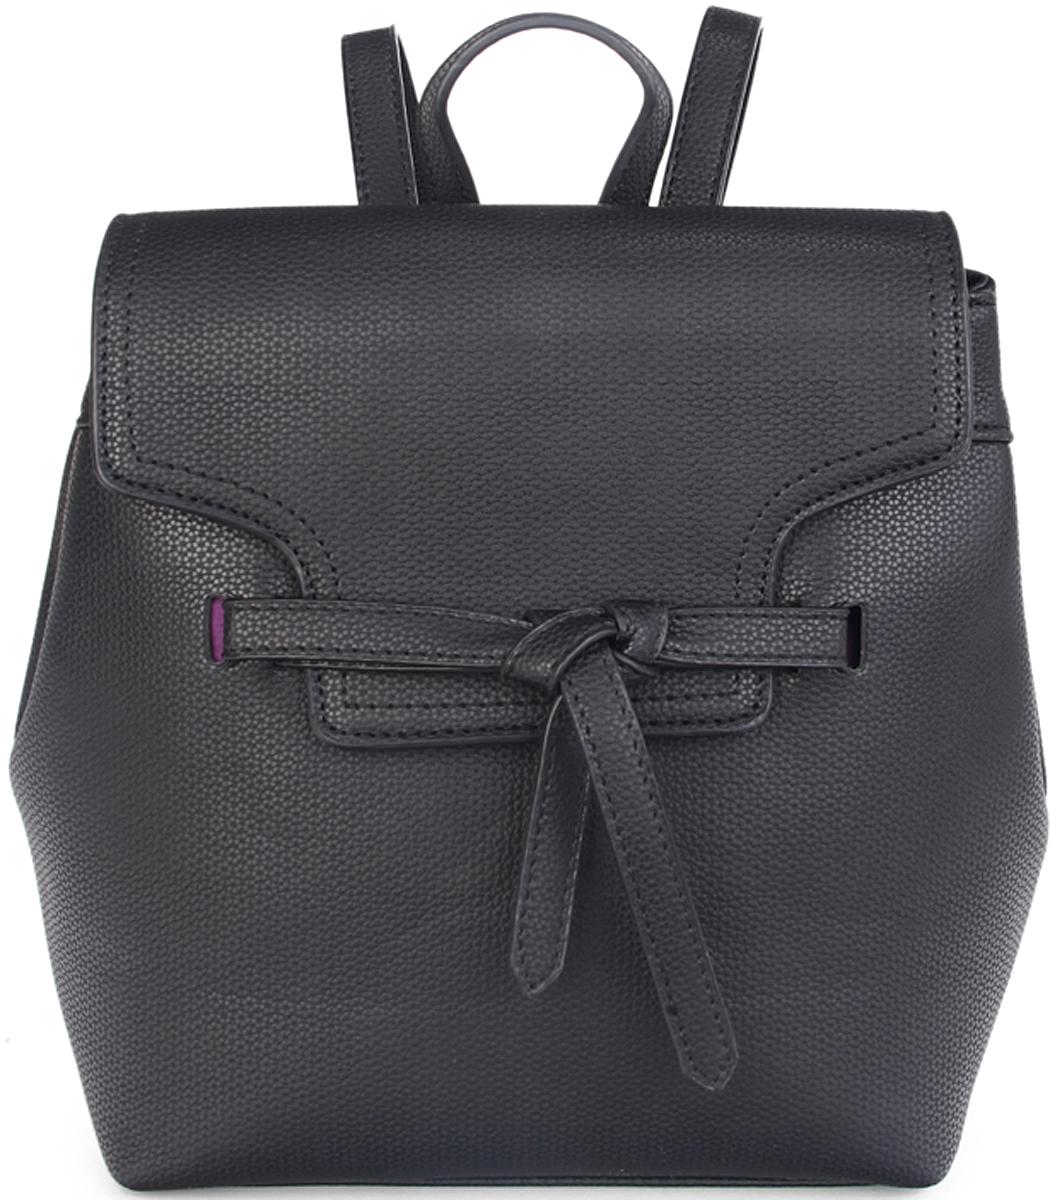 Рюкзак женский OrsOro, цвет: черный. D-432/3101225Женский рюкзак OrsOro выполнен из искусственной кожи высокого качества. Рюкзак с клапаном имеет одно вместительное отделение на молнии. В отделении присутствуют внутренний карман на молнии, внутренний карман для телефона.Снаружи имеется внешний карман на молнии и боковые магнитные кнопкиРюкзак обладает удобной ручкой сверху для переноски и двумя регулируемыми плечевыми лямками.